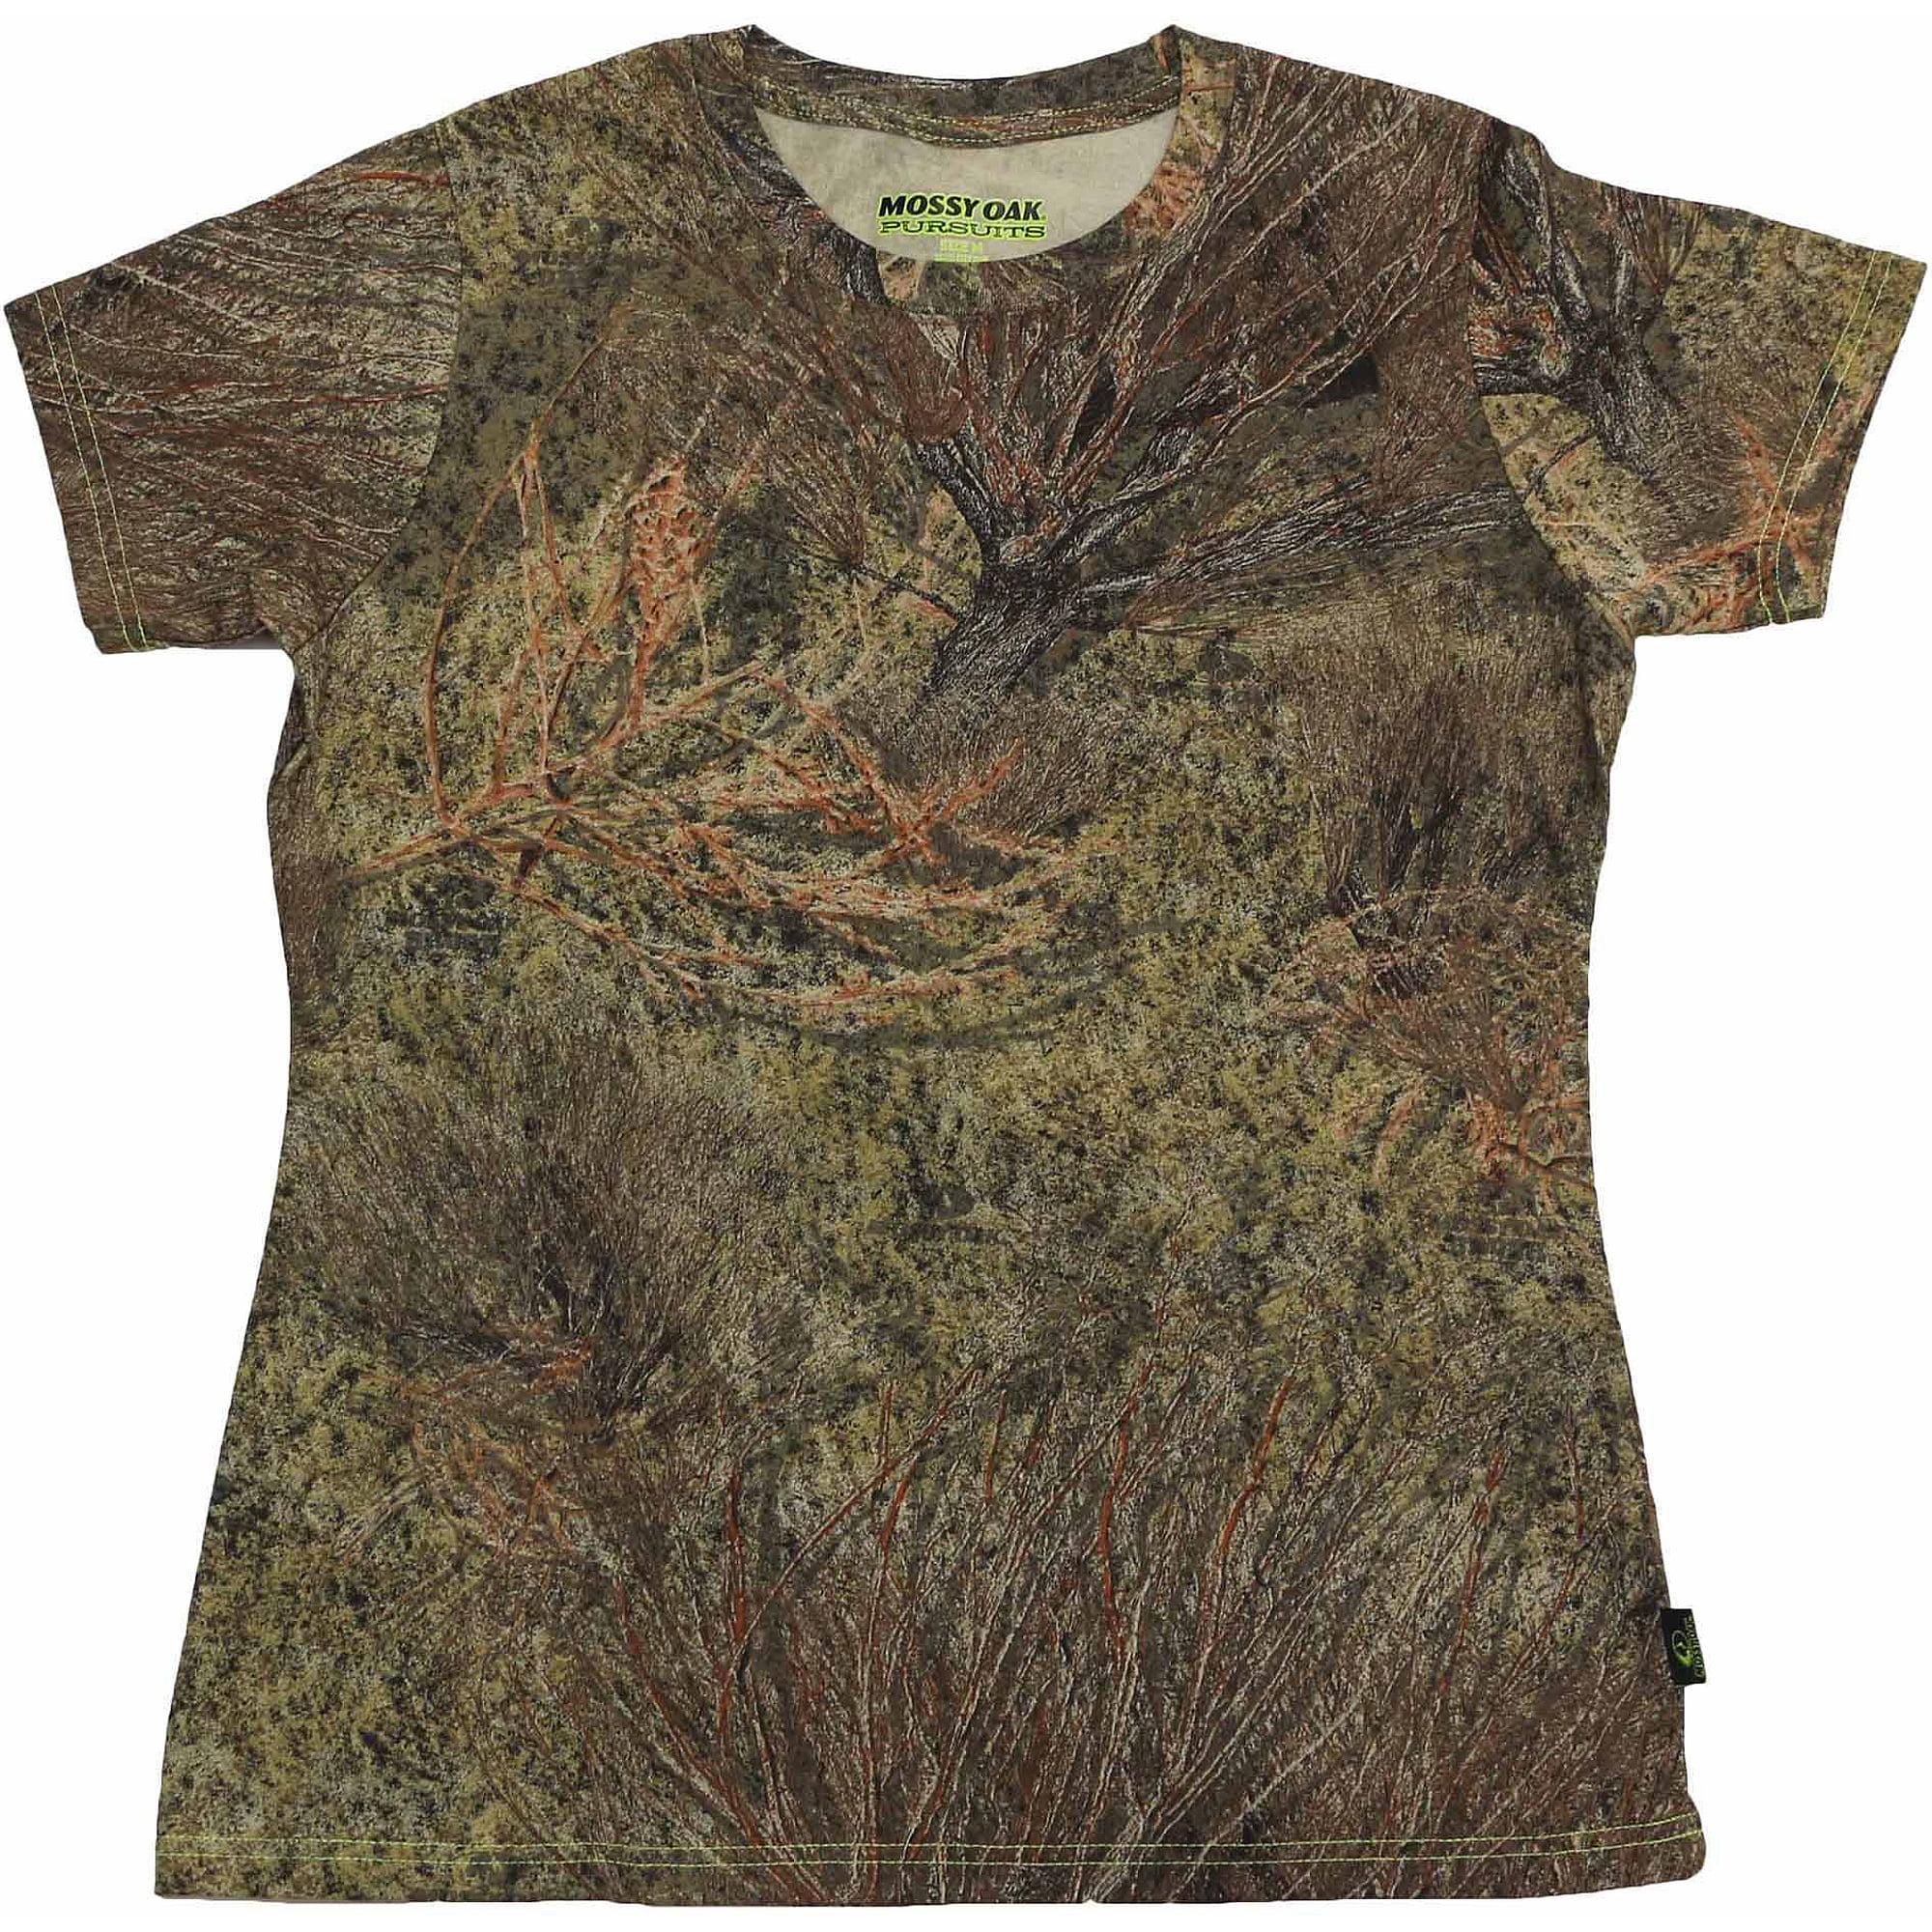 Mossy Oak Women's Short-Sleeve Tee